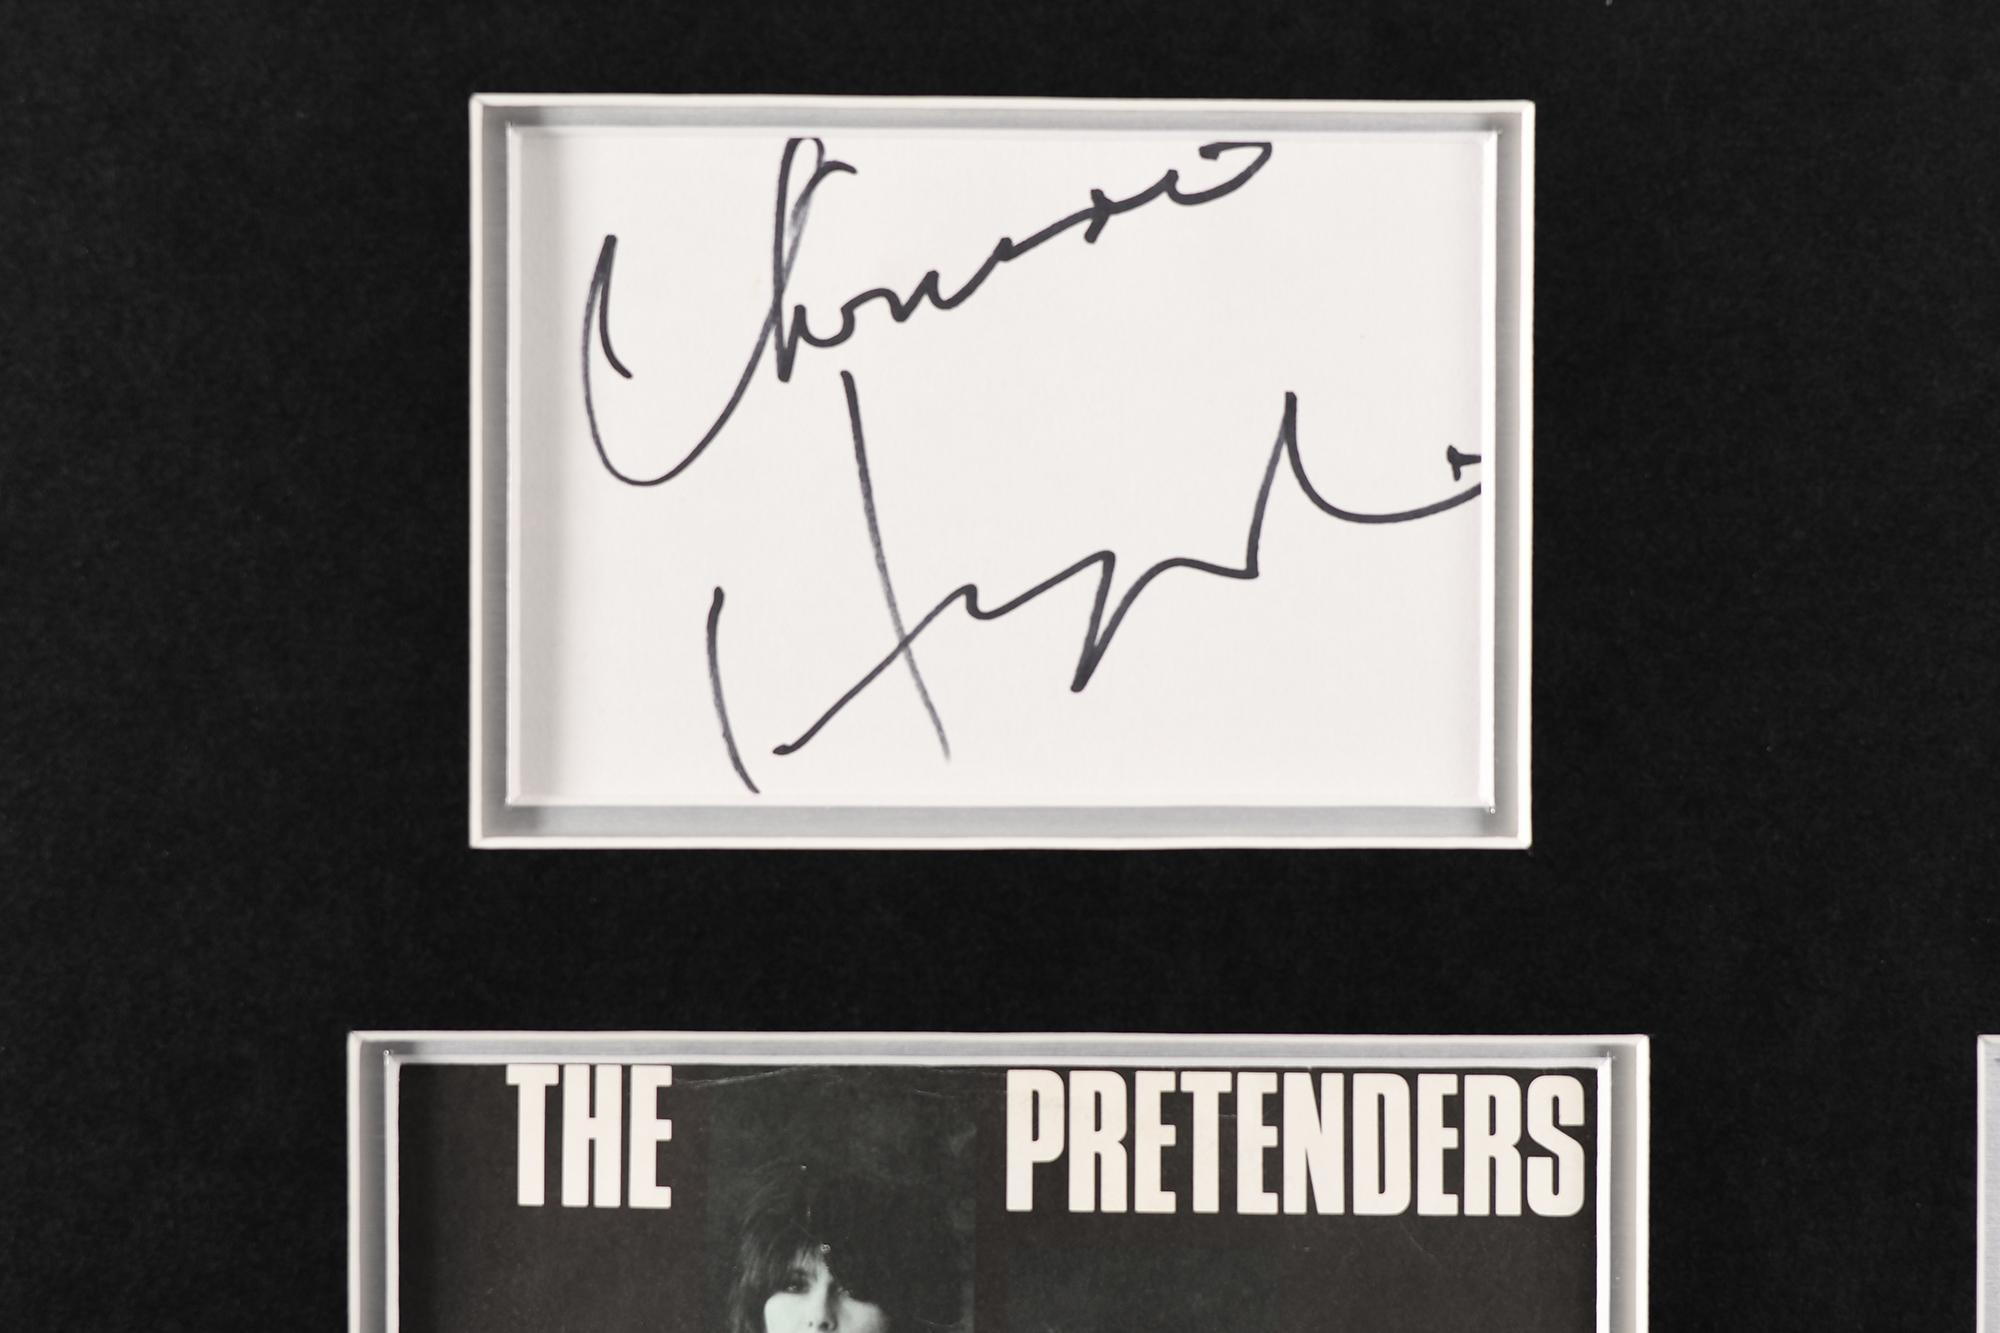 Framed Signed Chrissie Hynde Presentation - Image 3 of 4